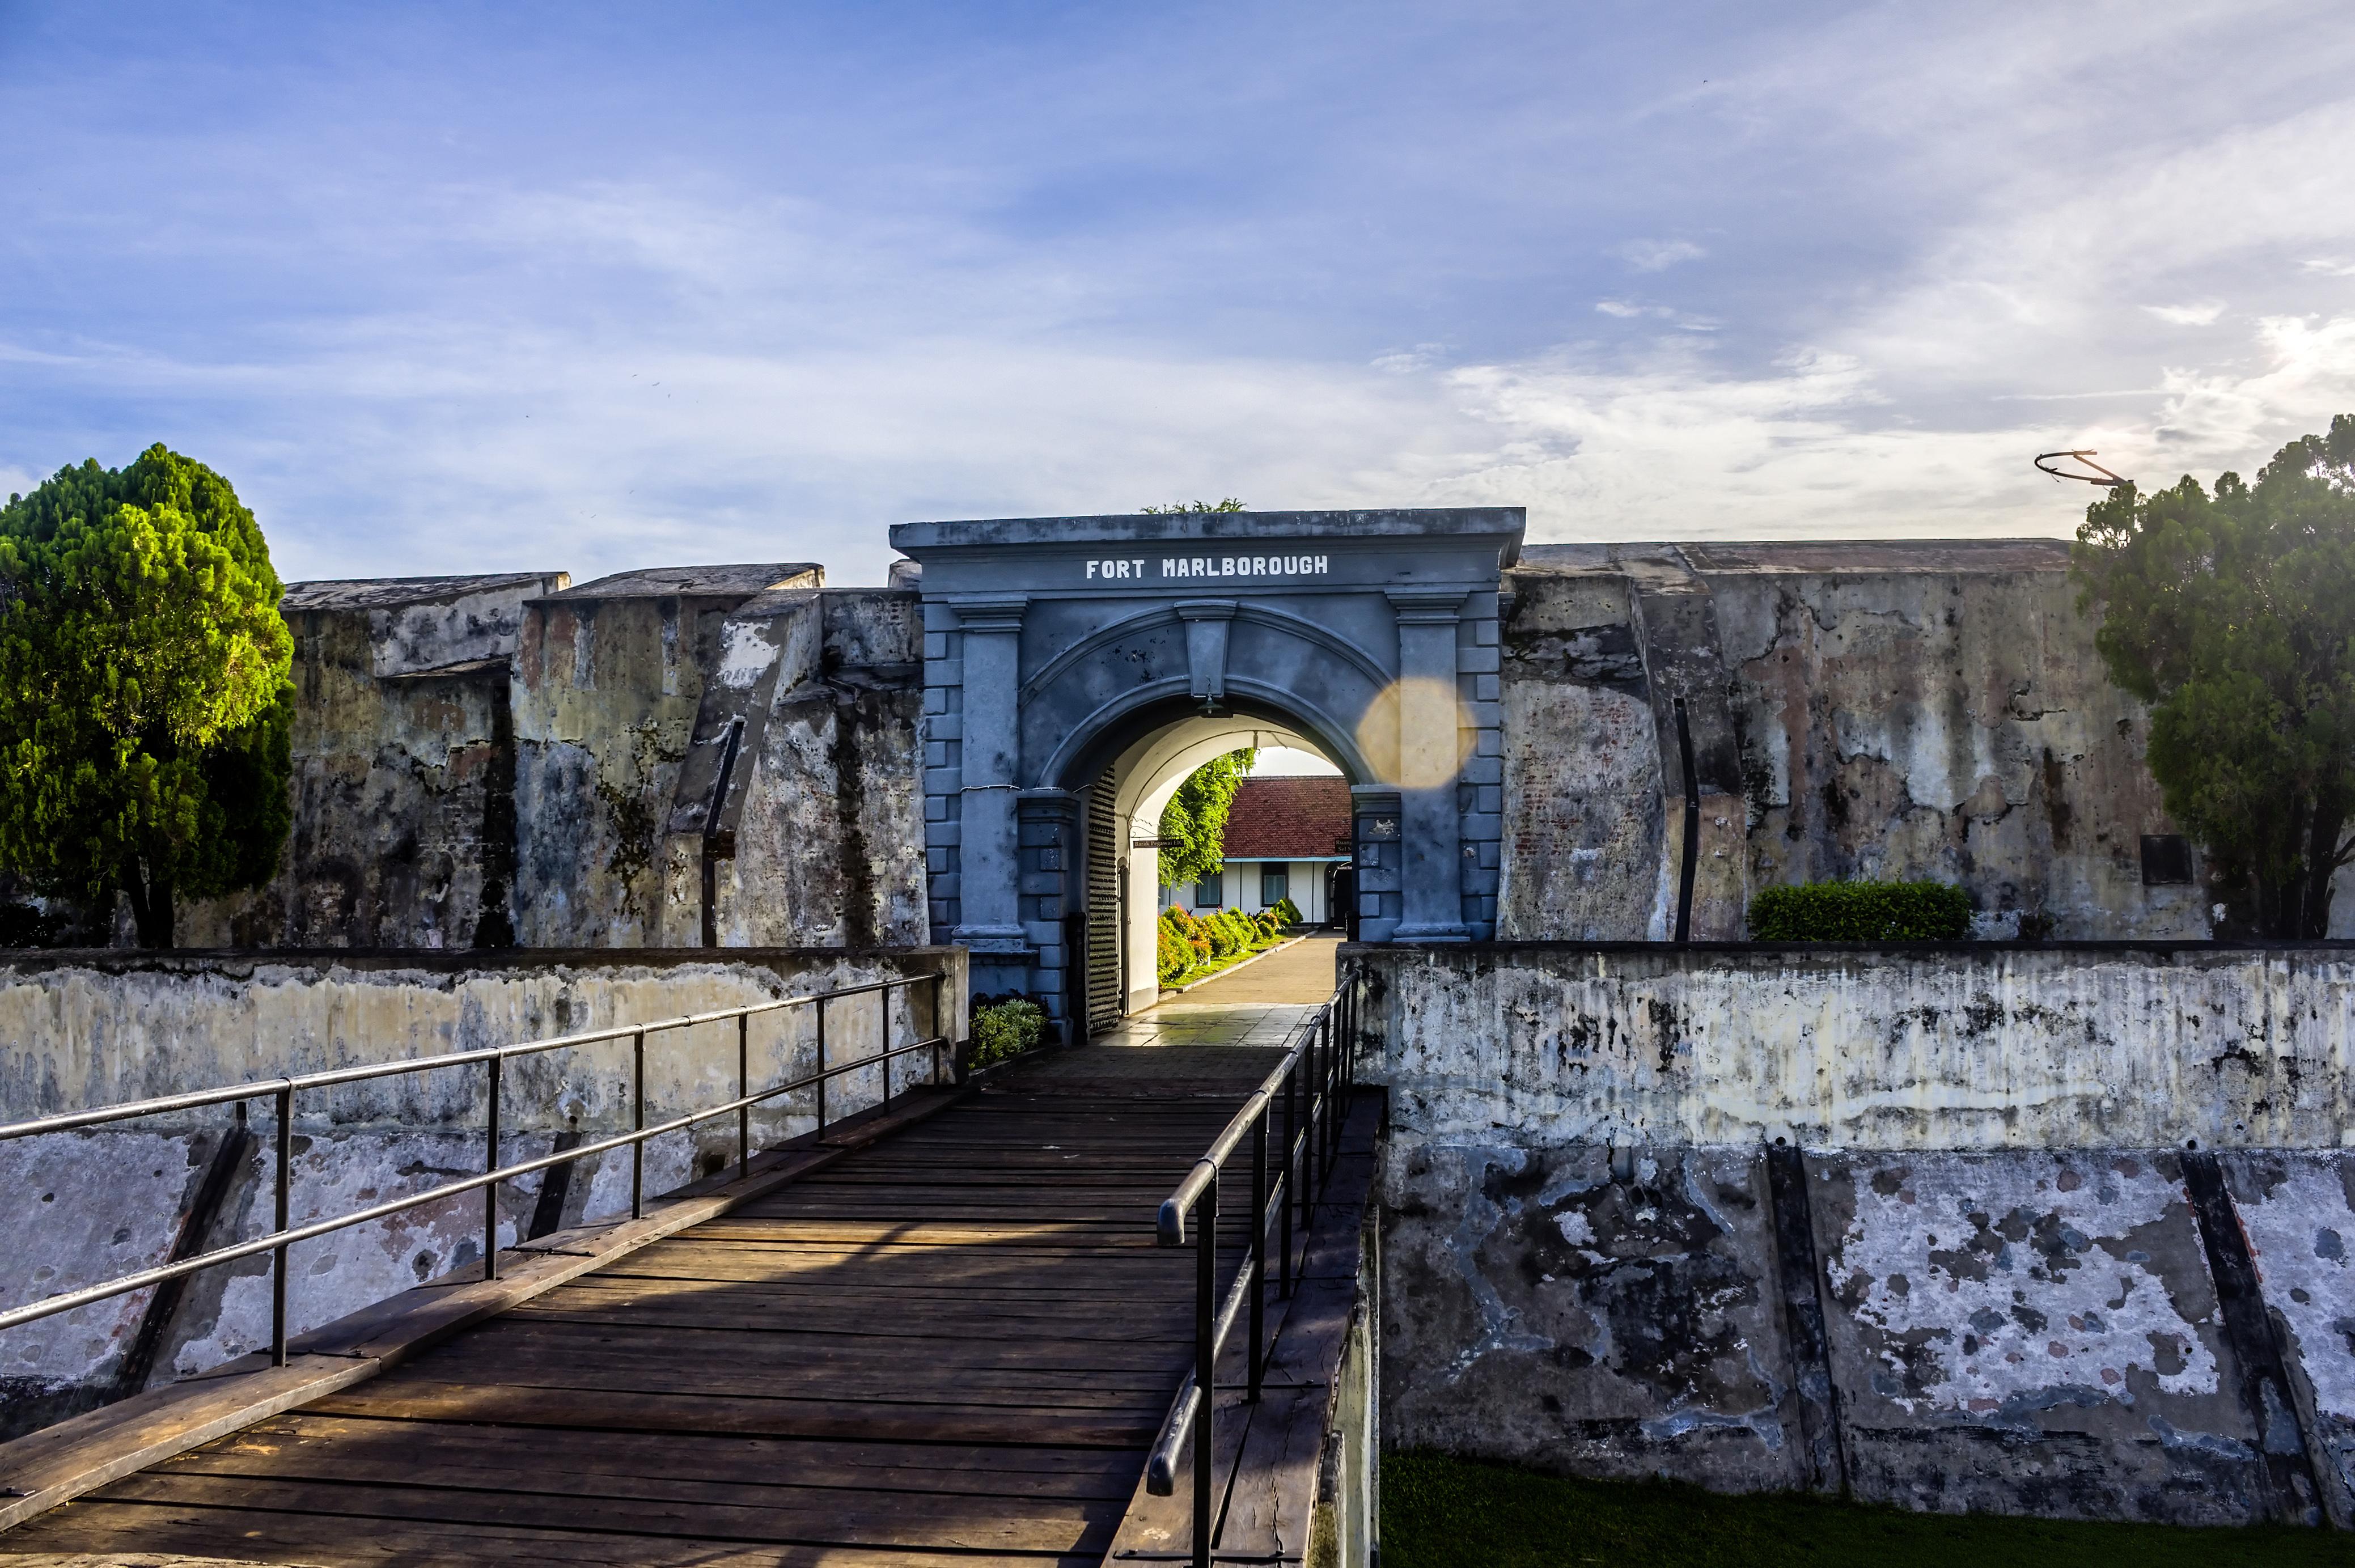 Hasil gambar untuk 2. Fort Marlborough di Bengkulu